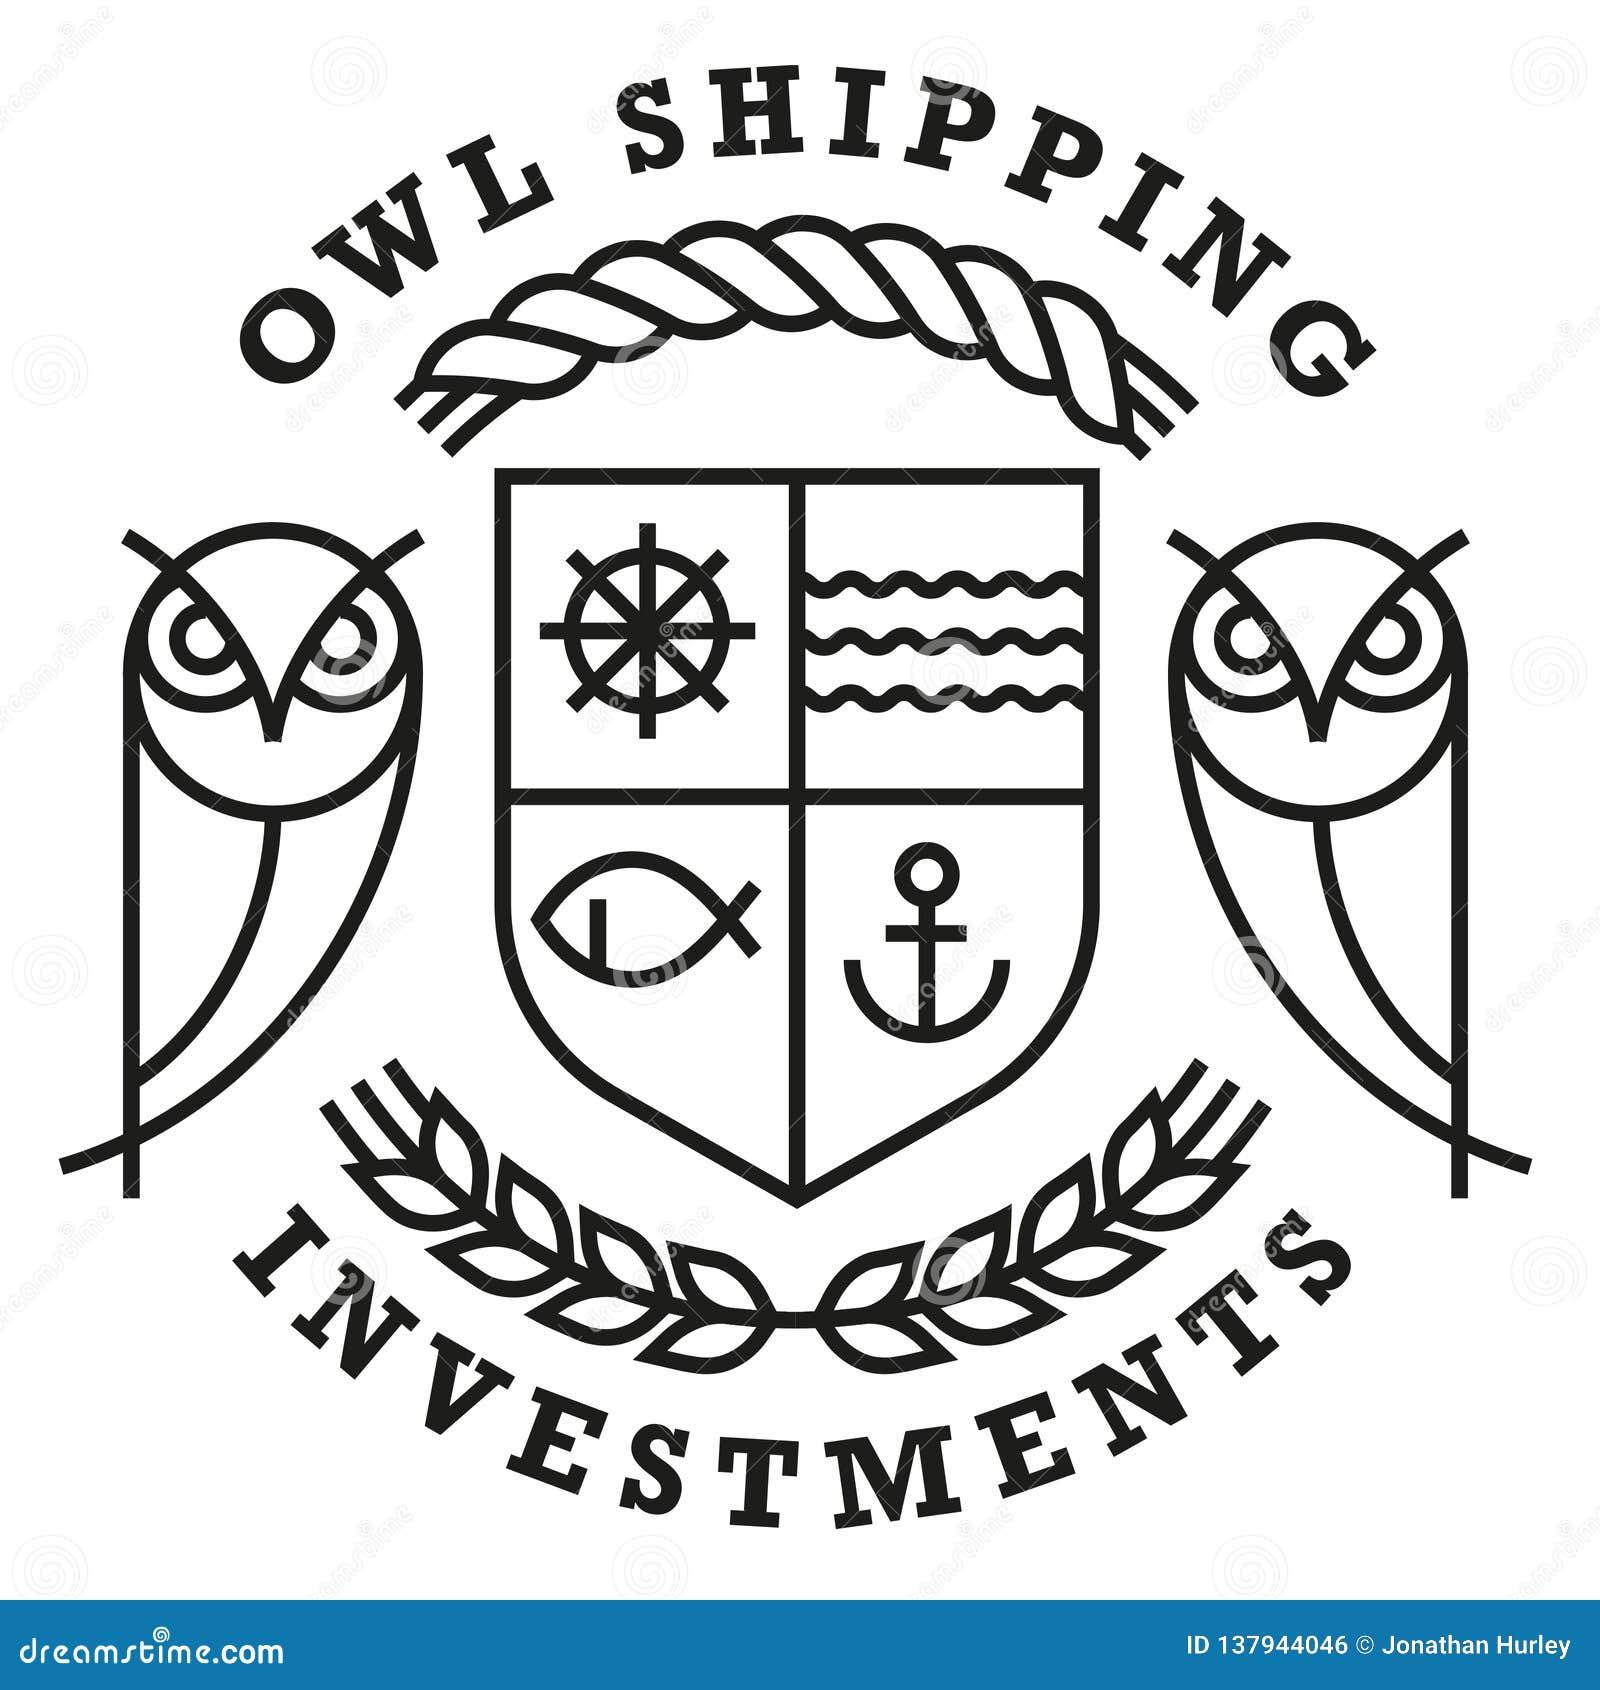 Owl Shipping Logo Template